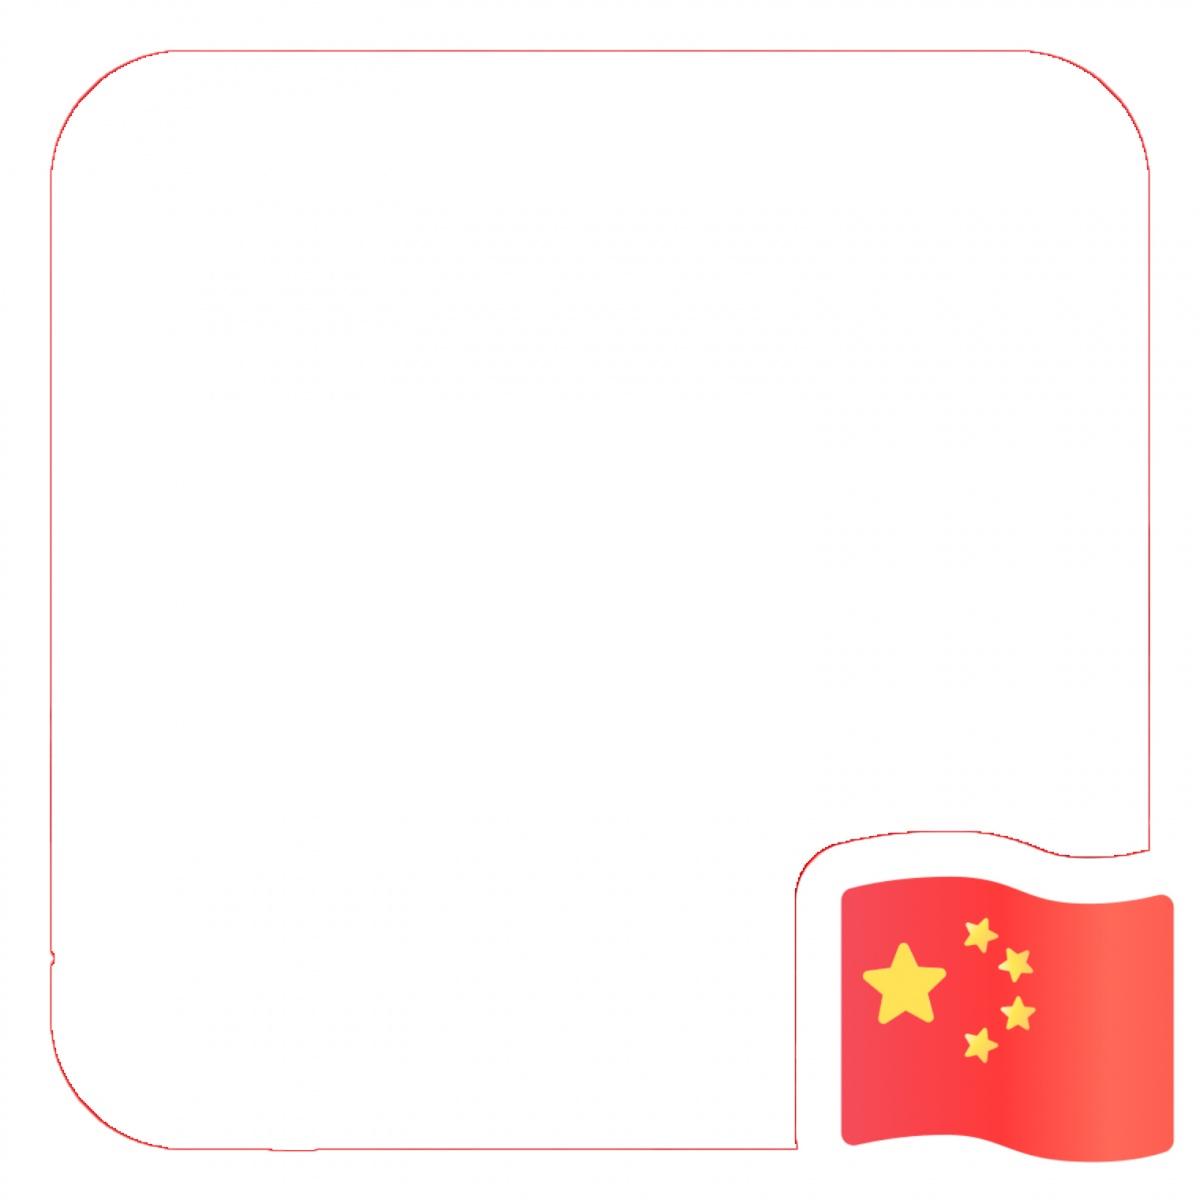 国旗-1-1-1.jpg